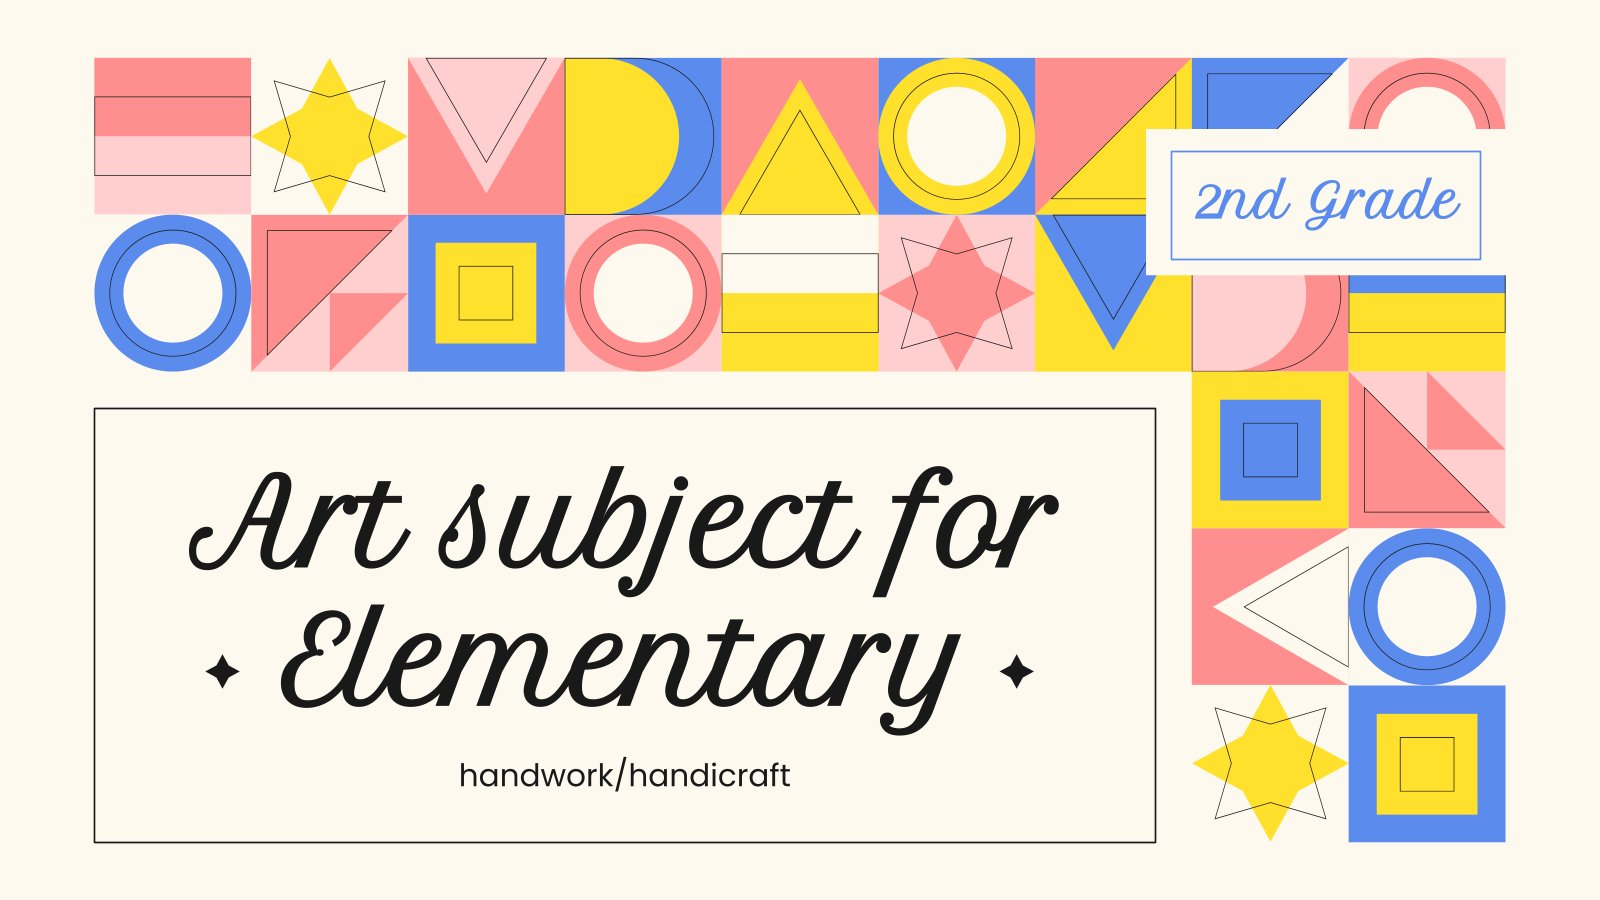 Art Subject for Elementary - 2nd Grade: Handwork/Handicraft presentation template